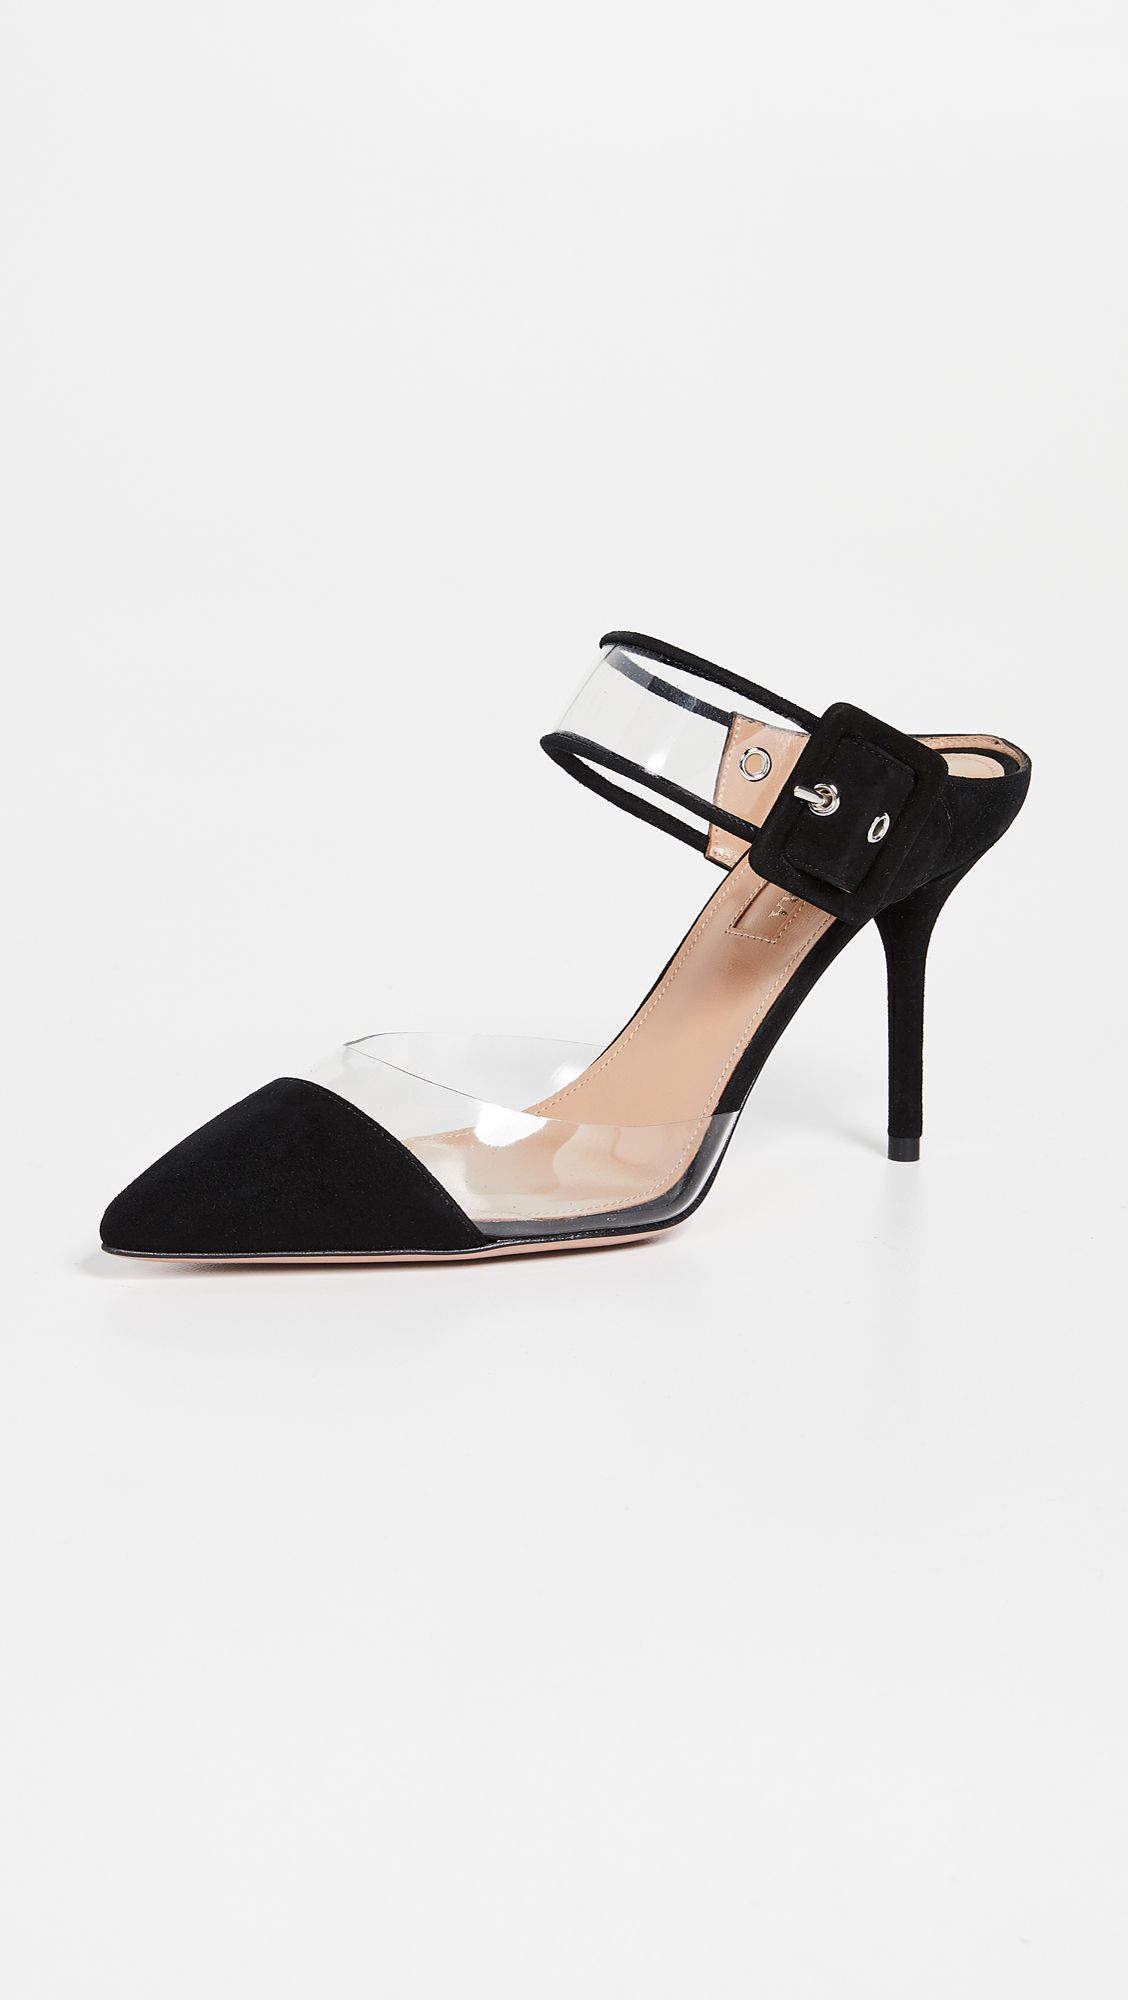 Aquazzura optic 85mm mules heels womens fashion shoes